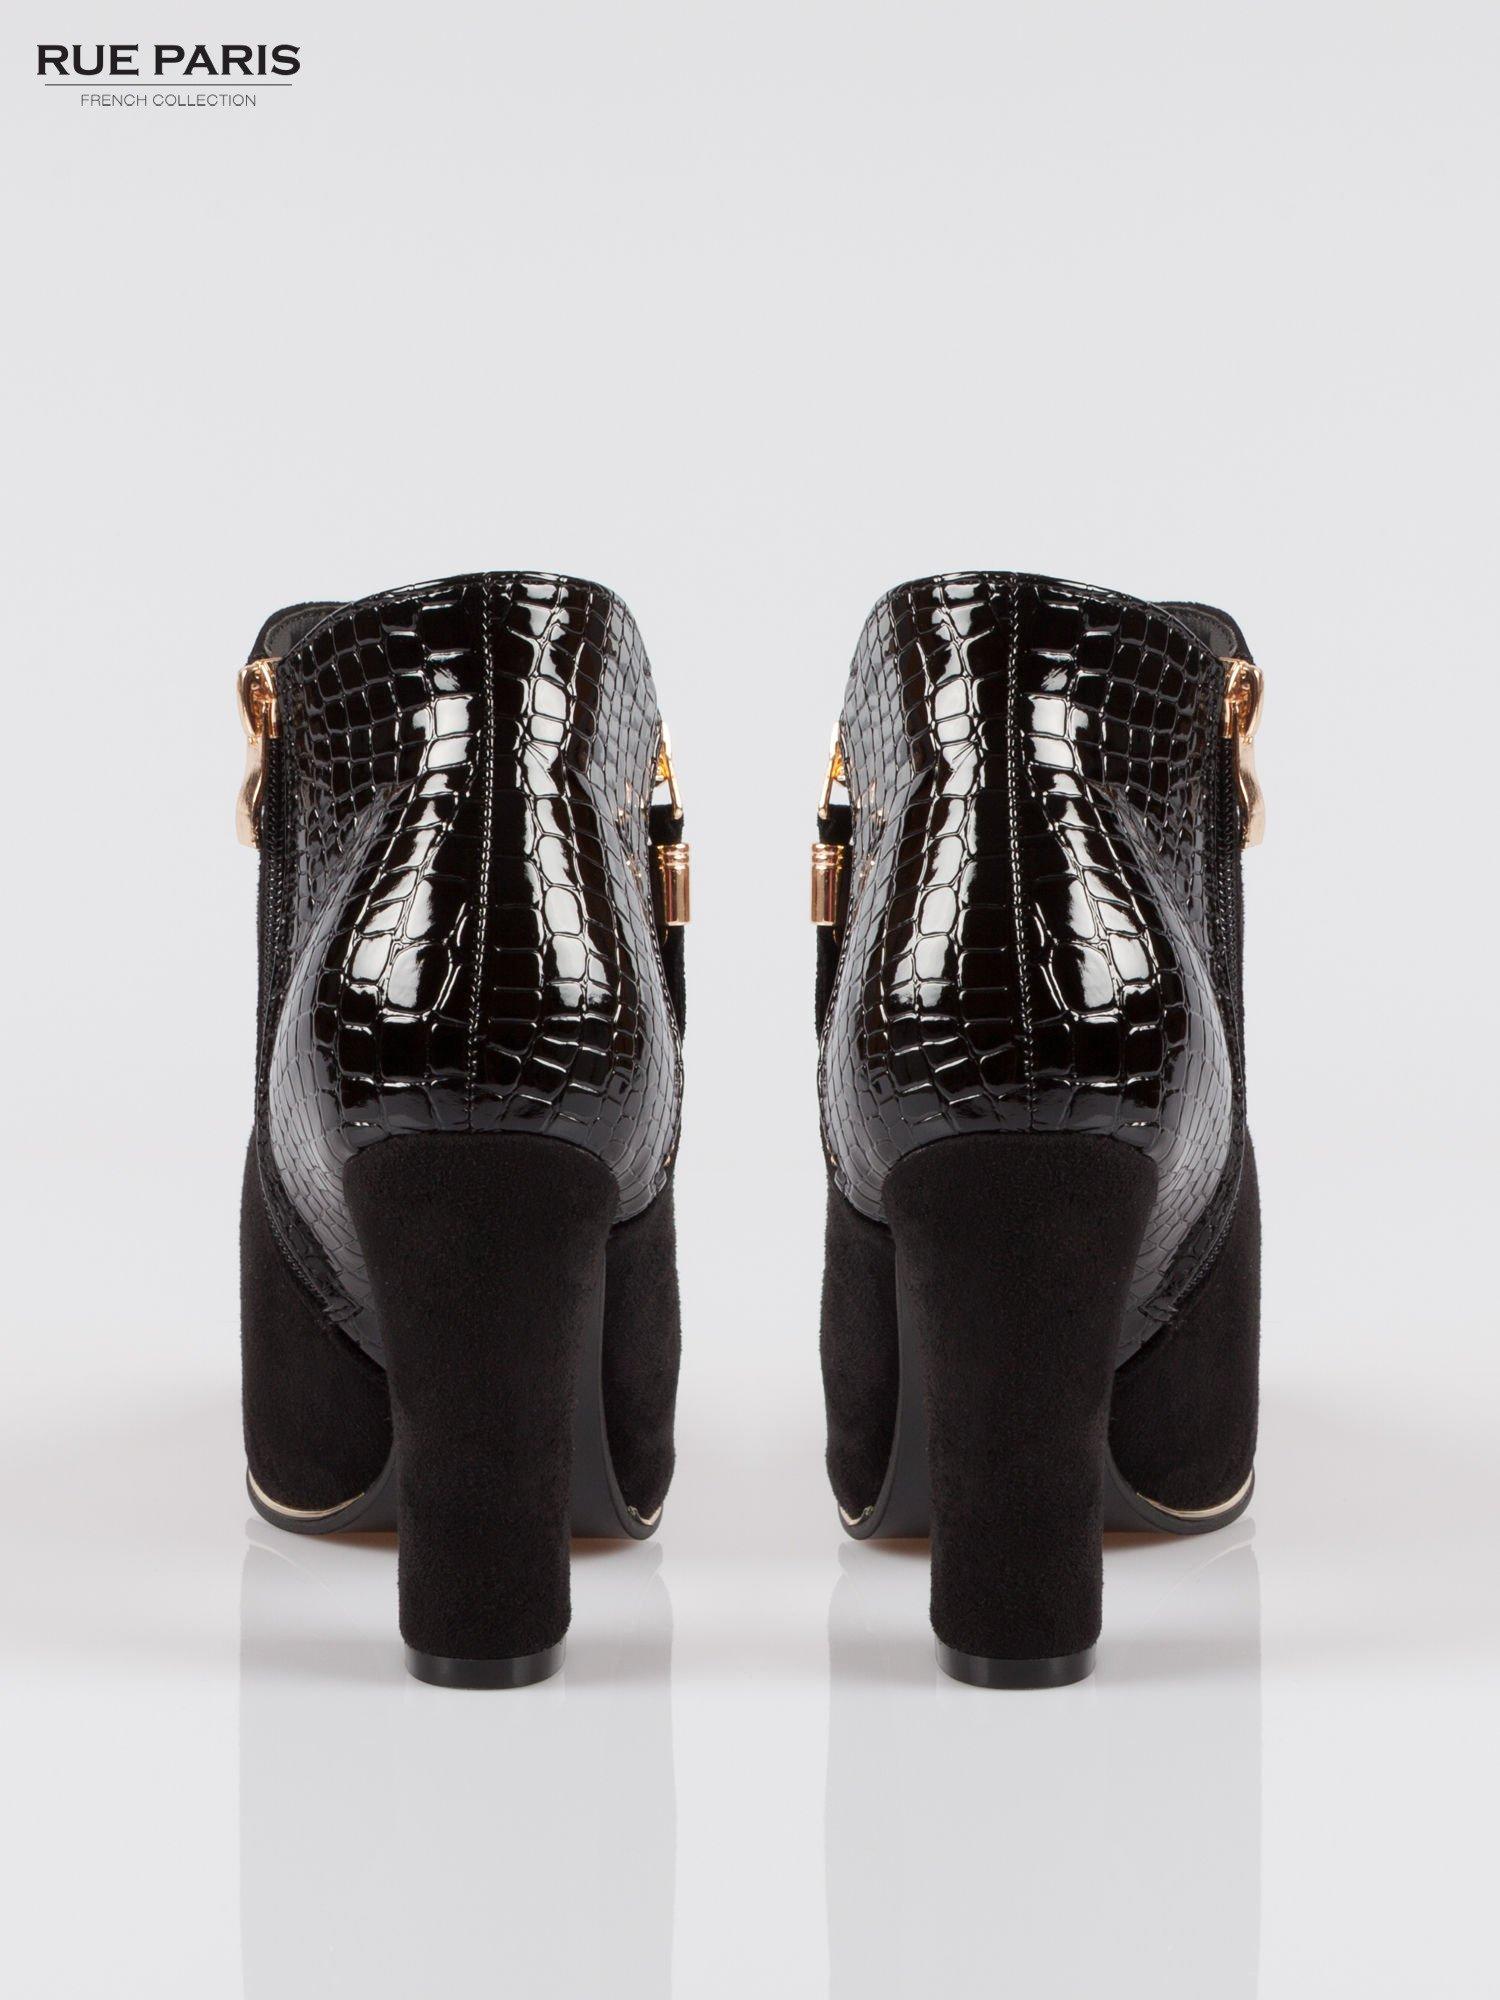 Czarne zamszowe botki na słupku ze złotym zamkiem i tyłem crocodile skin                                  zdj.                                  3